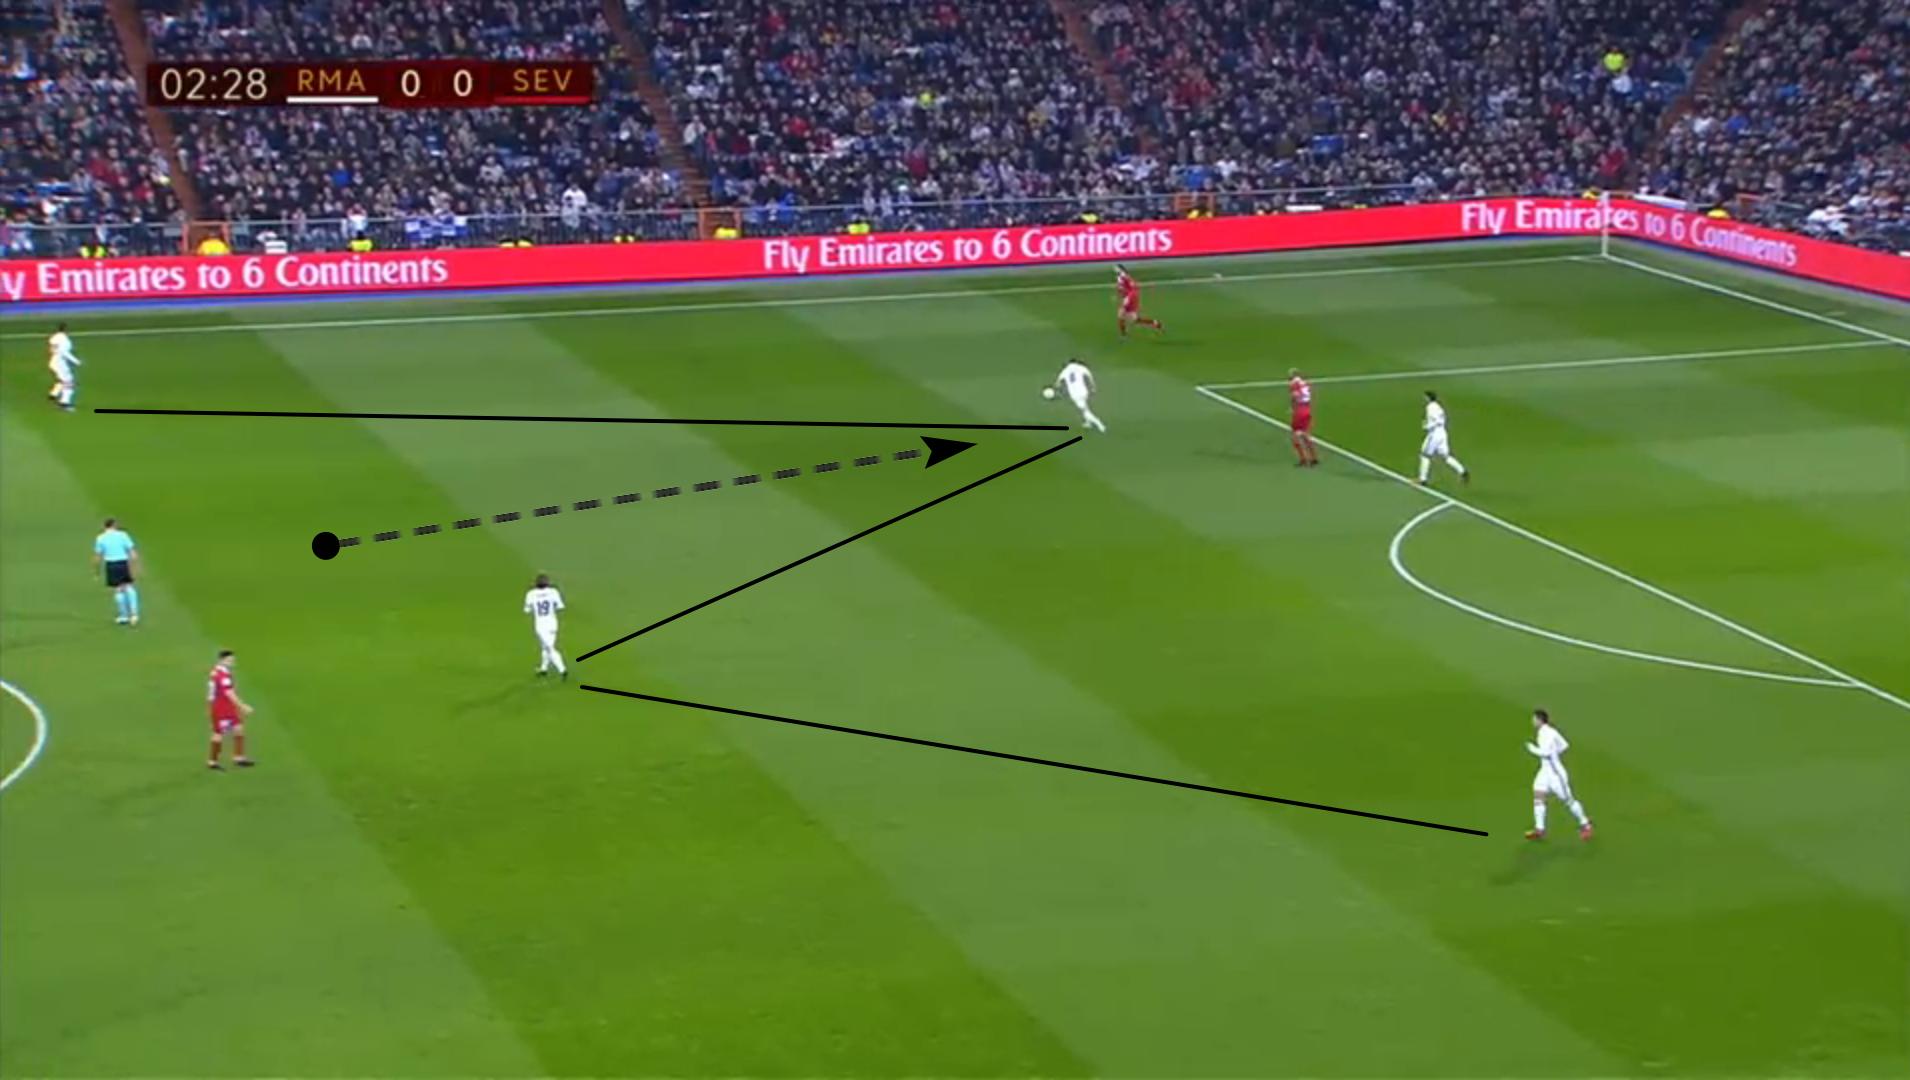 Typisches Herausrücken aus dem 4-1-4-1 ins 4-1-3-2, hier von Kroos.